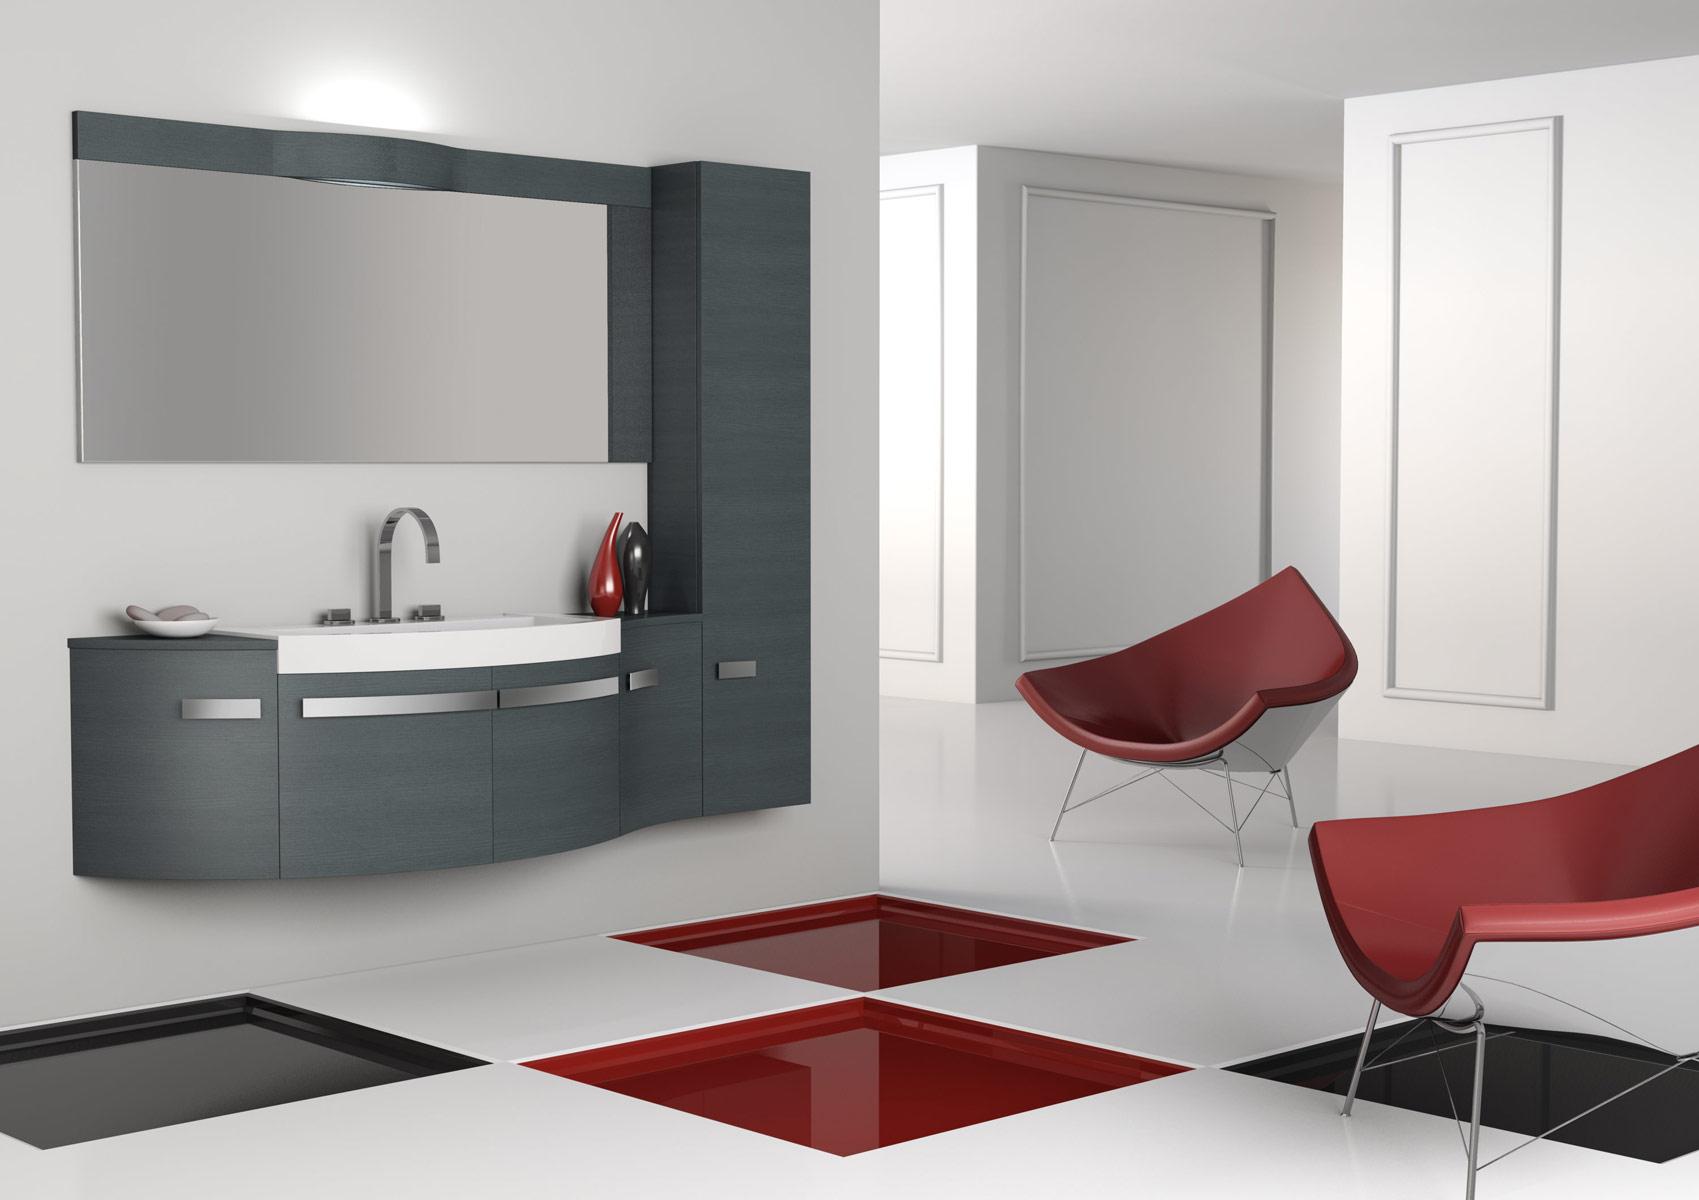 2b Arredo Bagno.Arredo Bagno Design Duebi Italia